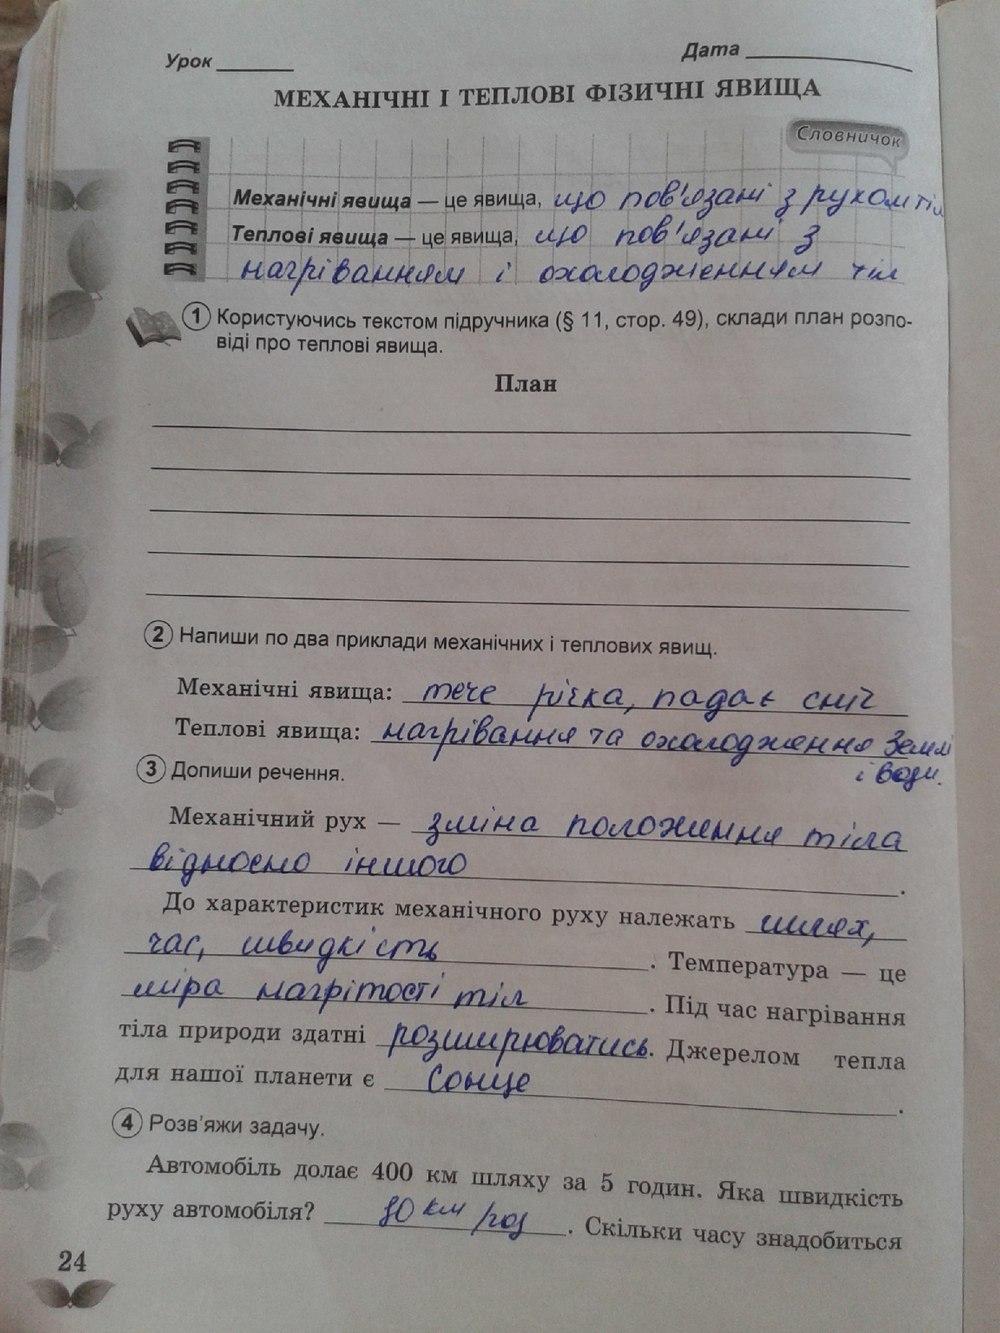 ГДЗ відповіді робочий зошит по биологии 5 класс Коршевнюк Т.В., Ярошенко О.Г.. Задание: стр. 24